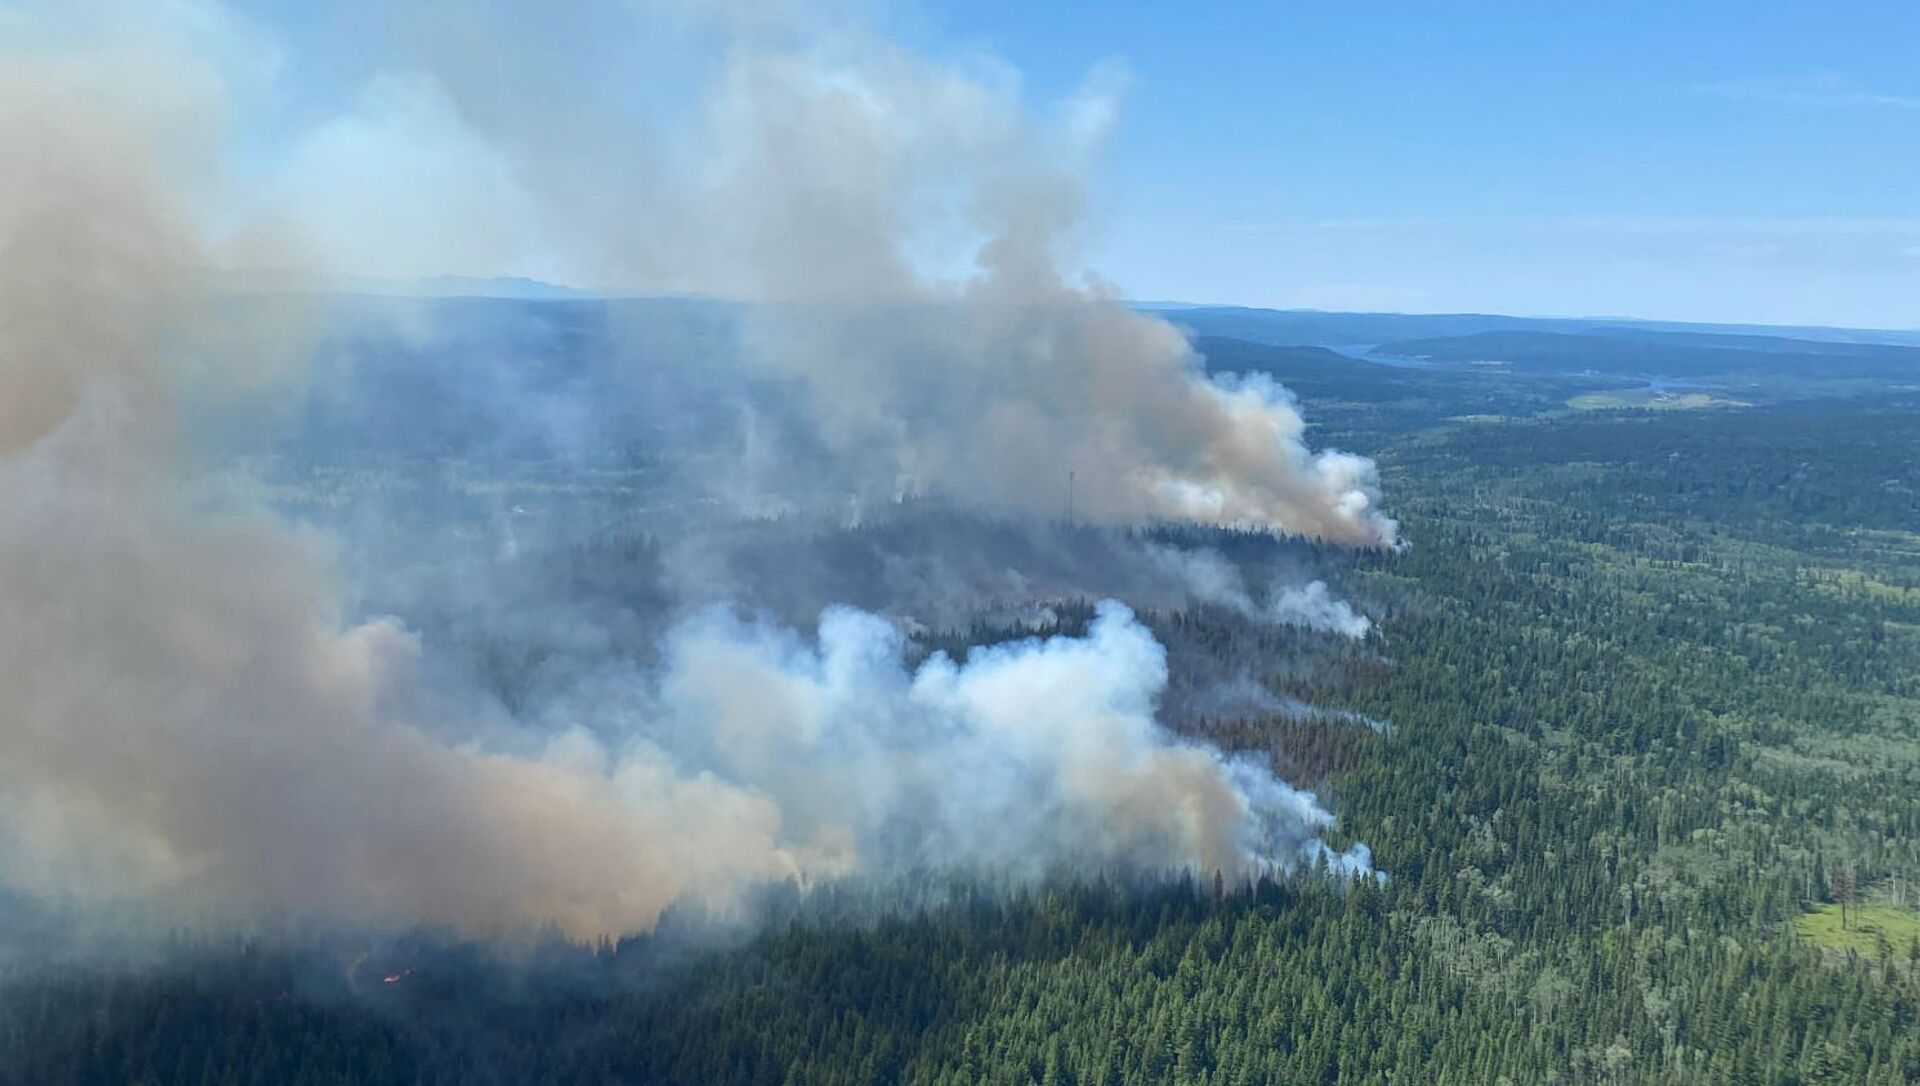 Un feu de forêts dans la province canadienne de Colombie-Britannique, le 2 juillet 2021 - Sputnik France, 1920, 13.08.2021